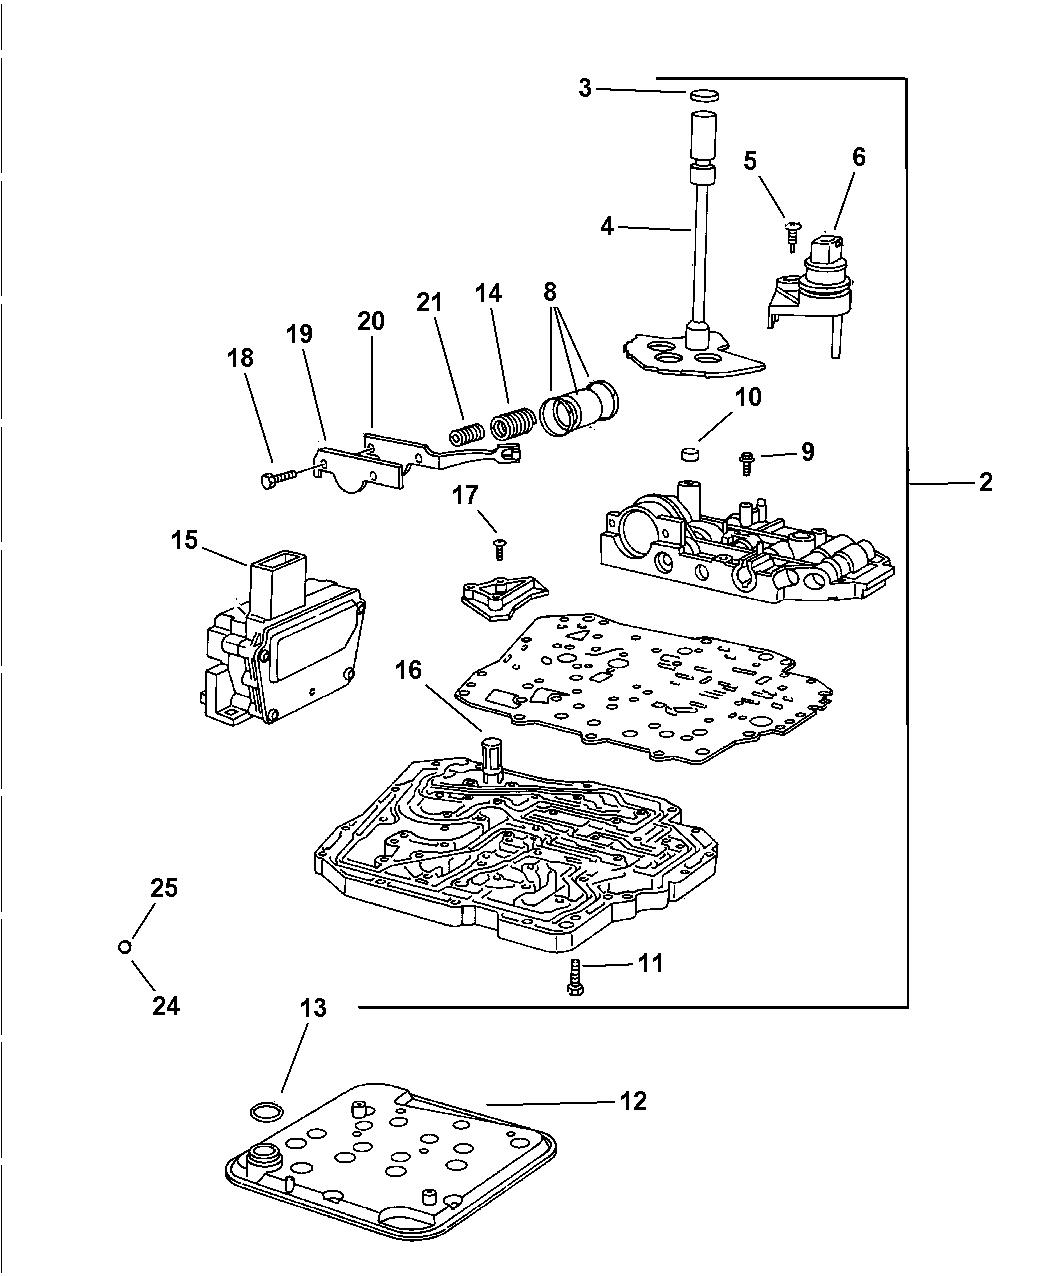 2005 Jeep Wrangler Radiator Diagram